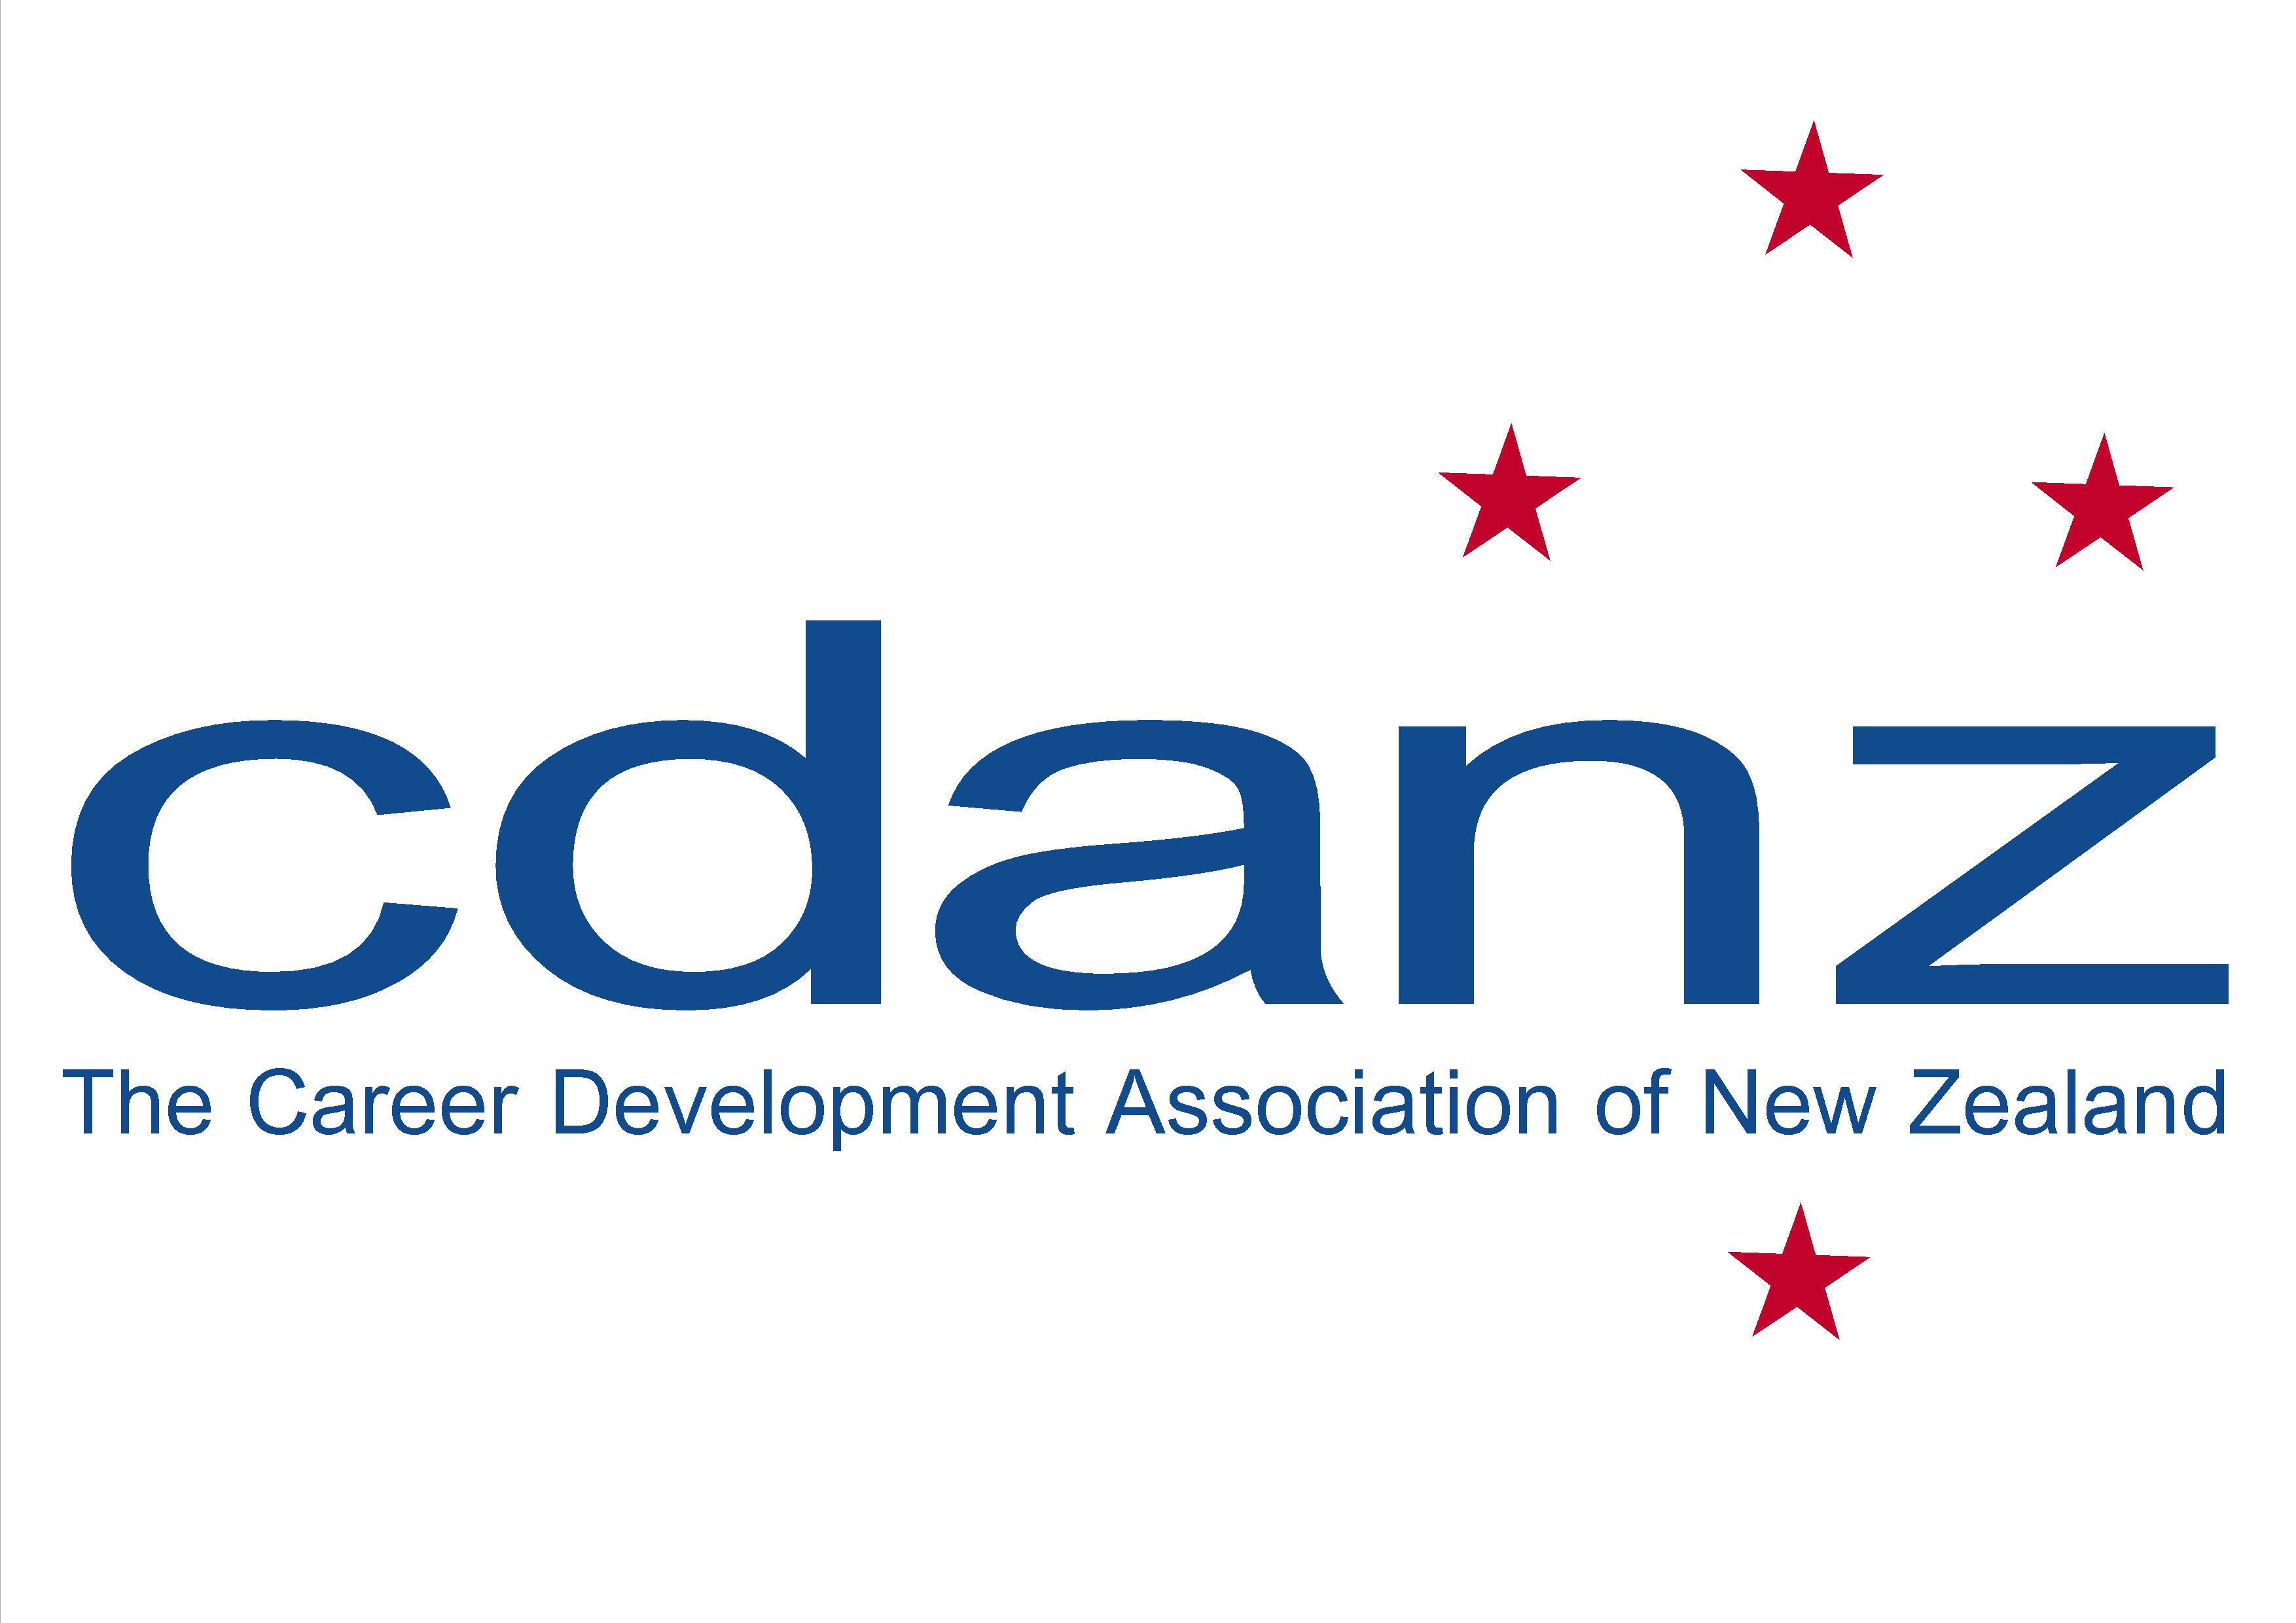 CDANZ - Career Development Association of New Zealand